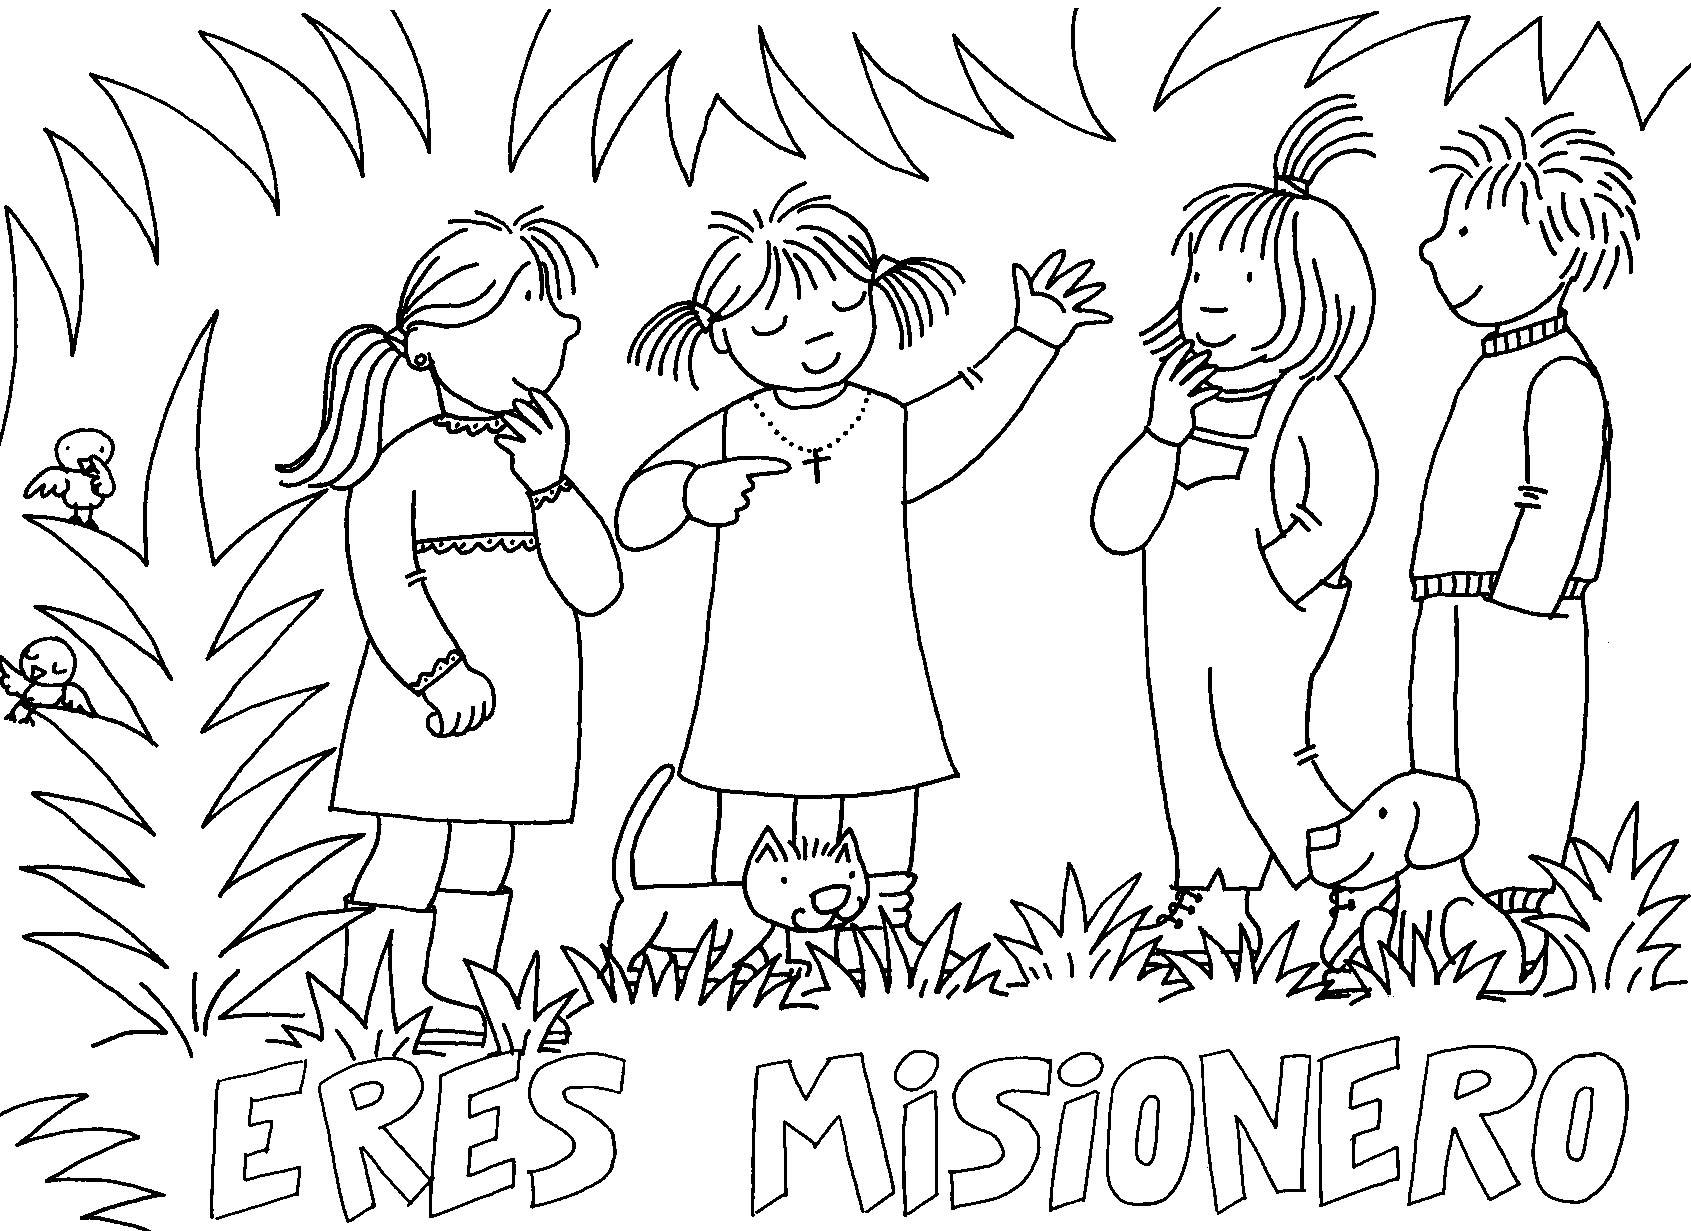 Las Misiones Y Los Niños Dibujos Para Colorear De Niños: Fichas Sobre Las Misiones